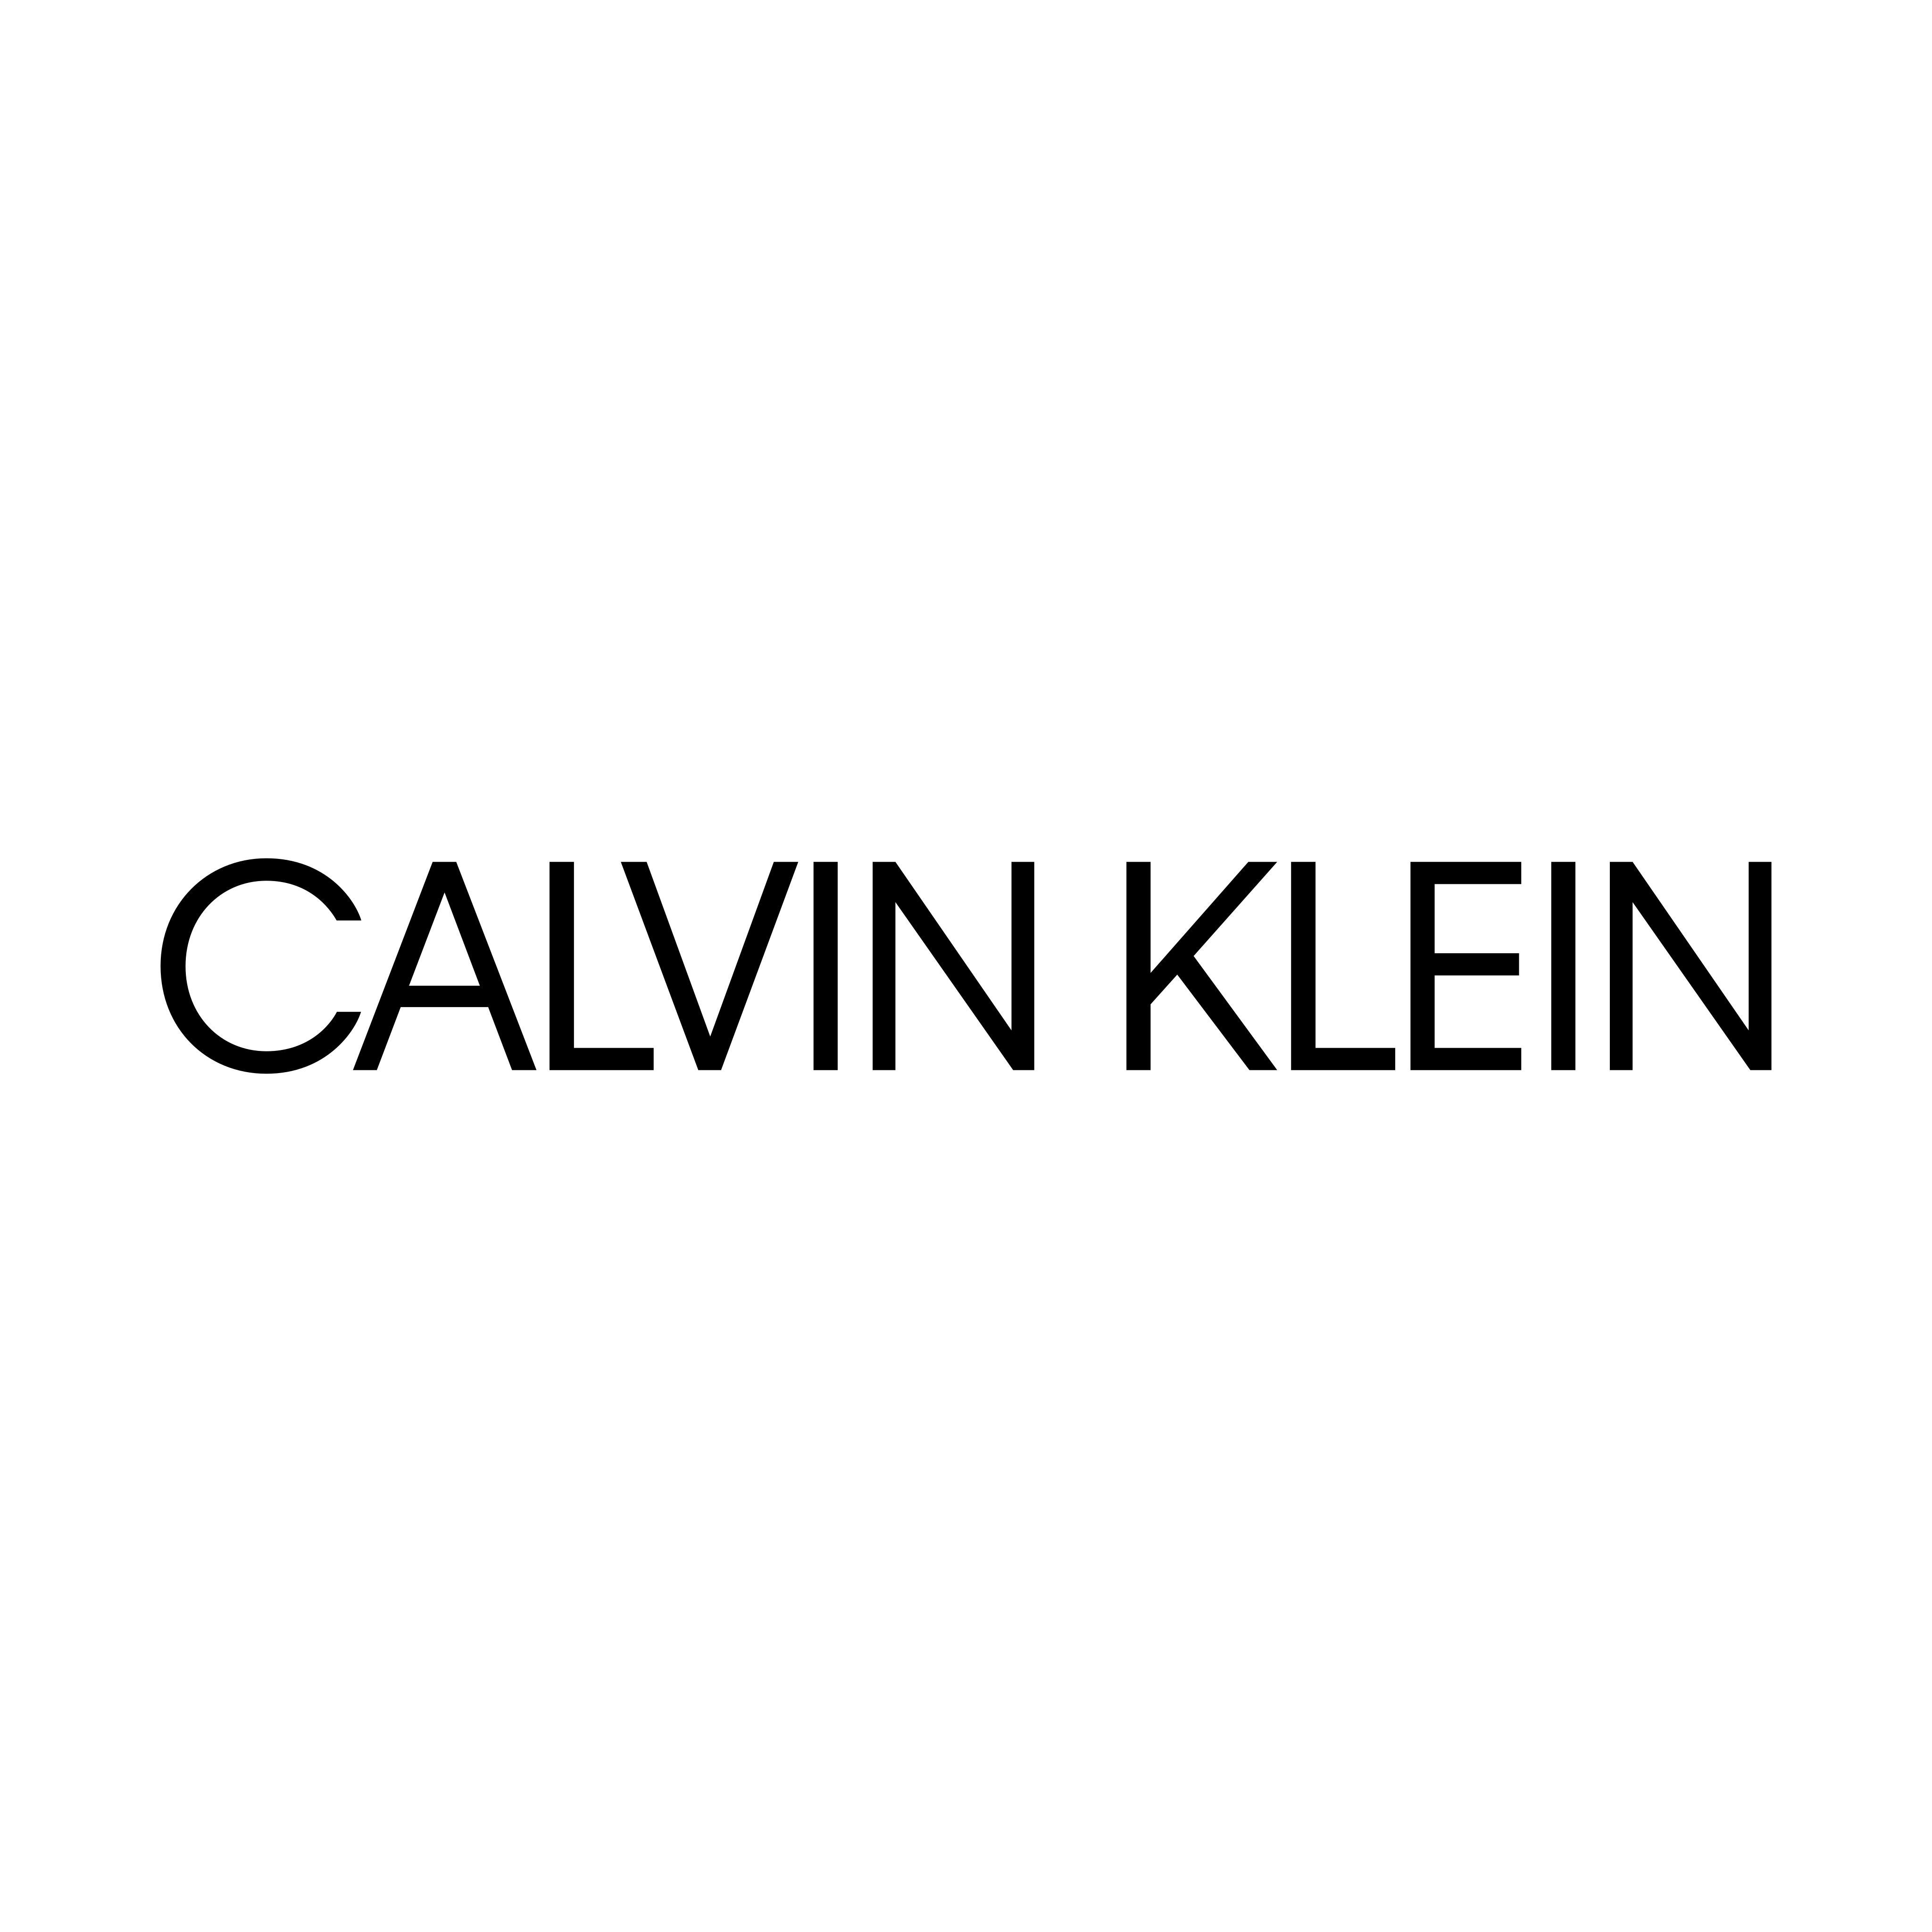 calvin-klein-logo-0